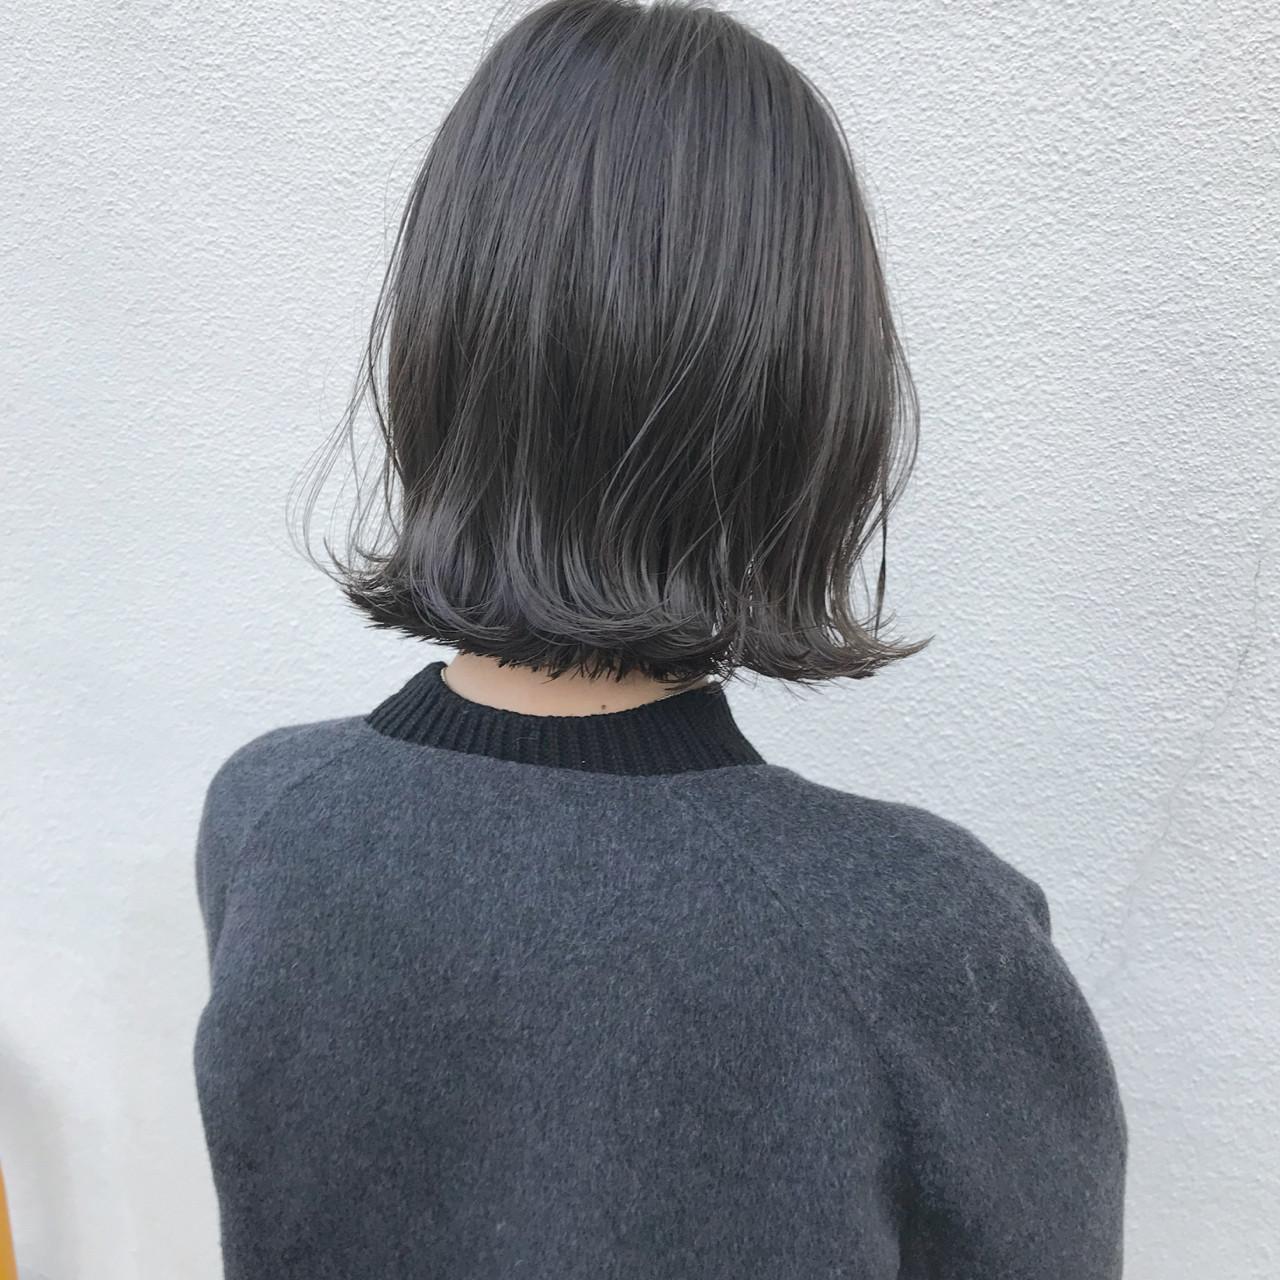 切りっぱなし アンニュイ 外ハネ ロブ ヘアスタイルや髪型の写真・画像